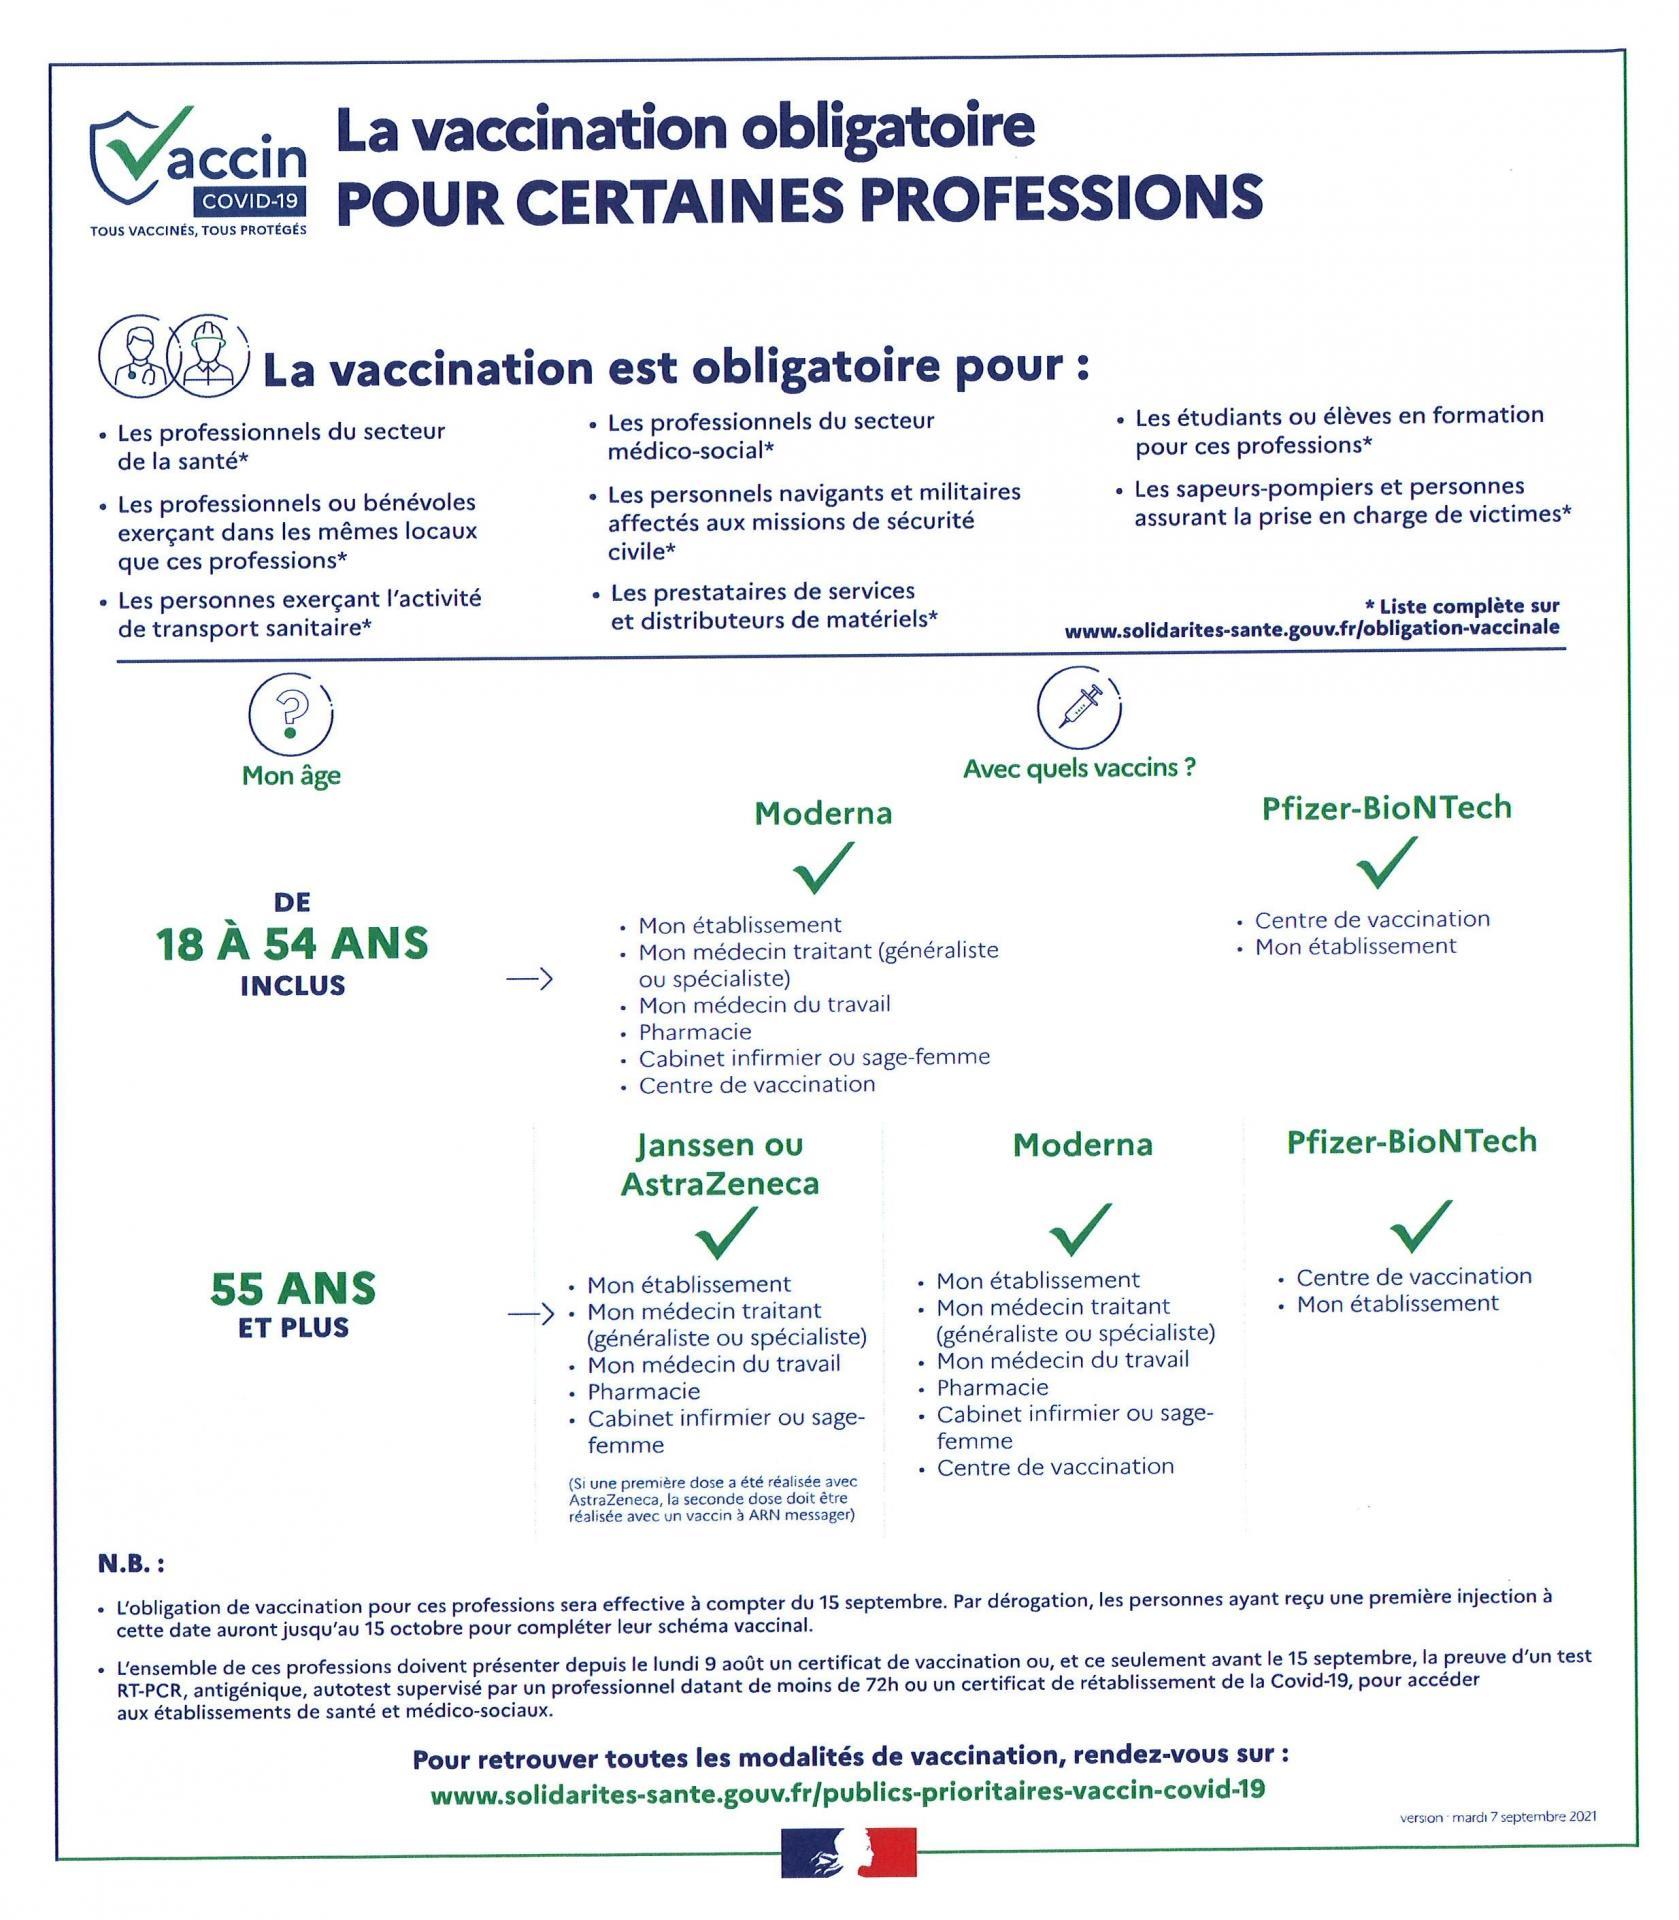 La vaccination obligatoire pour certaines professions au 7 septembre 2021